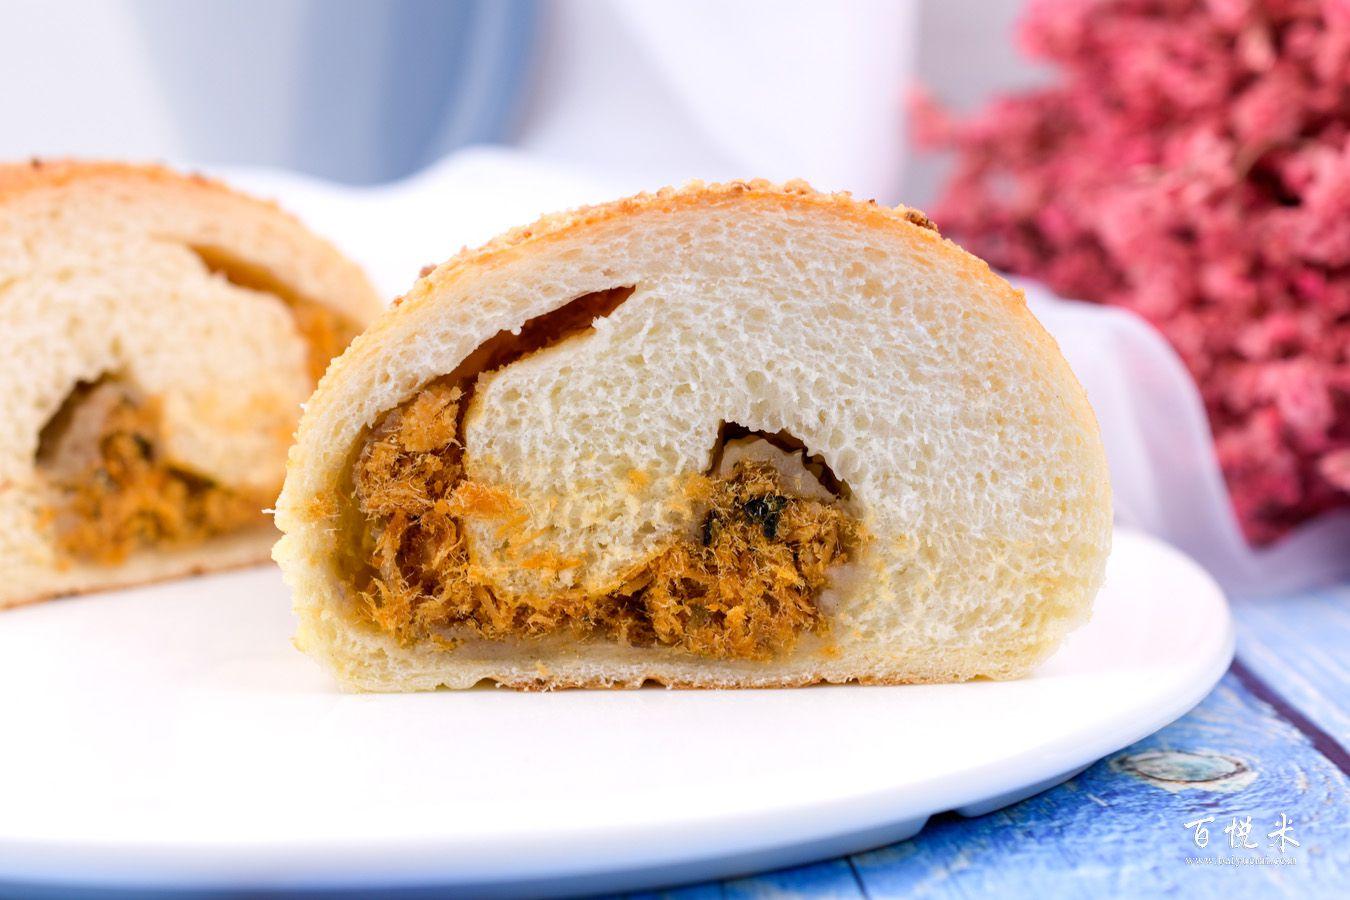 咸芋肉松包的做法大全,咸芋肉松包西点培训图文步骤分享